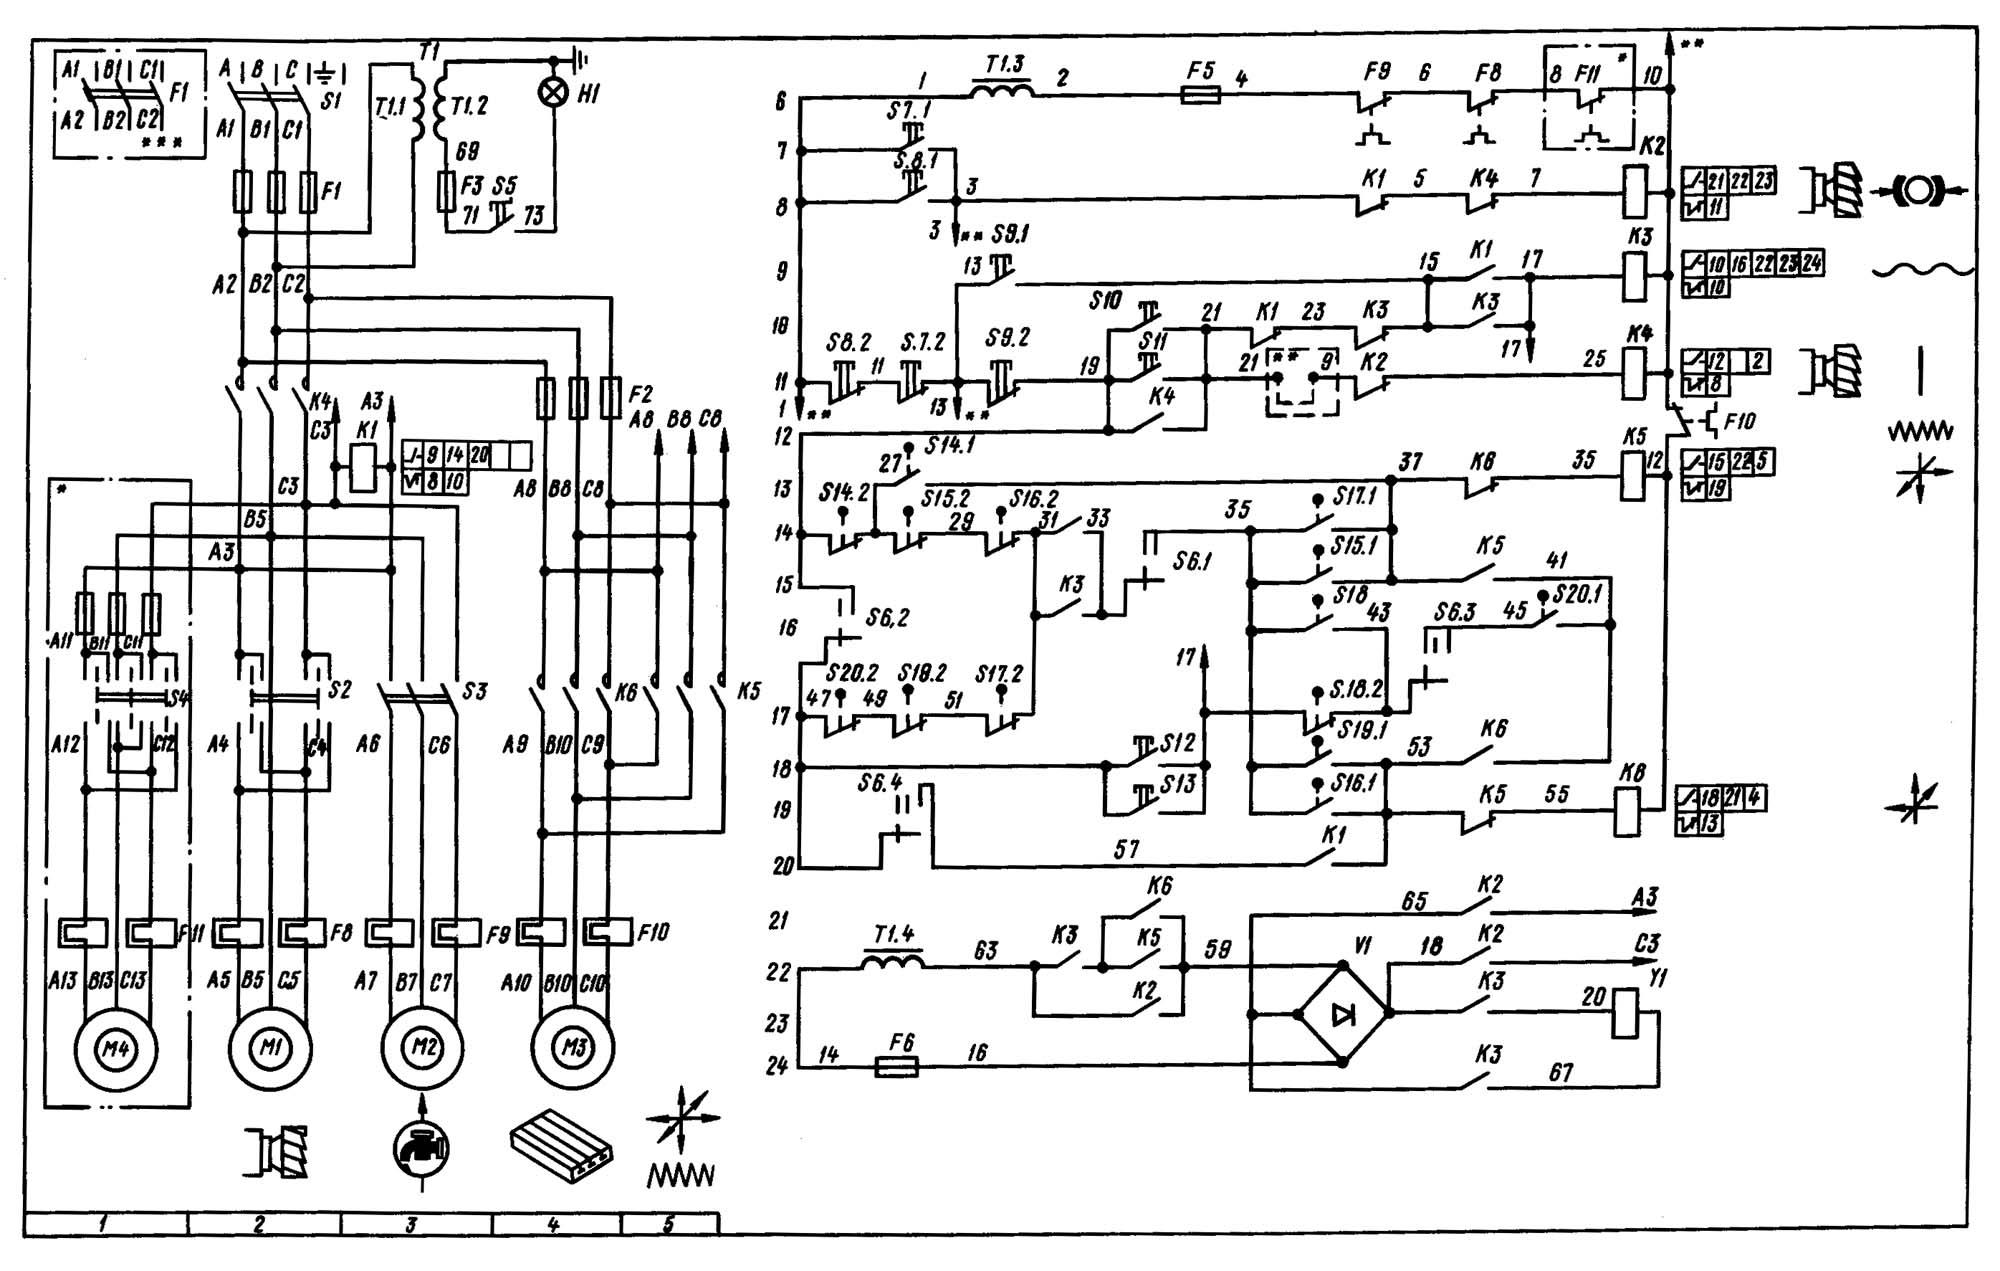 Фрезерный станок 6р12 электрическая схема